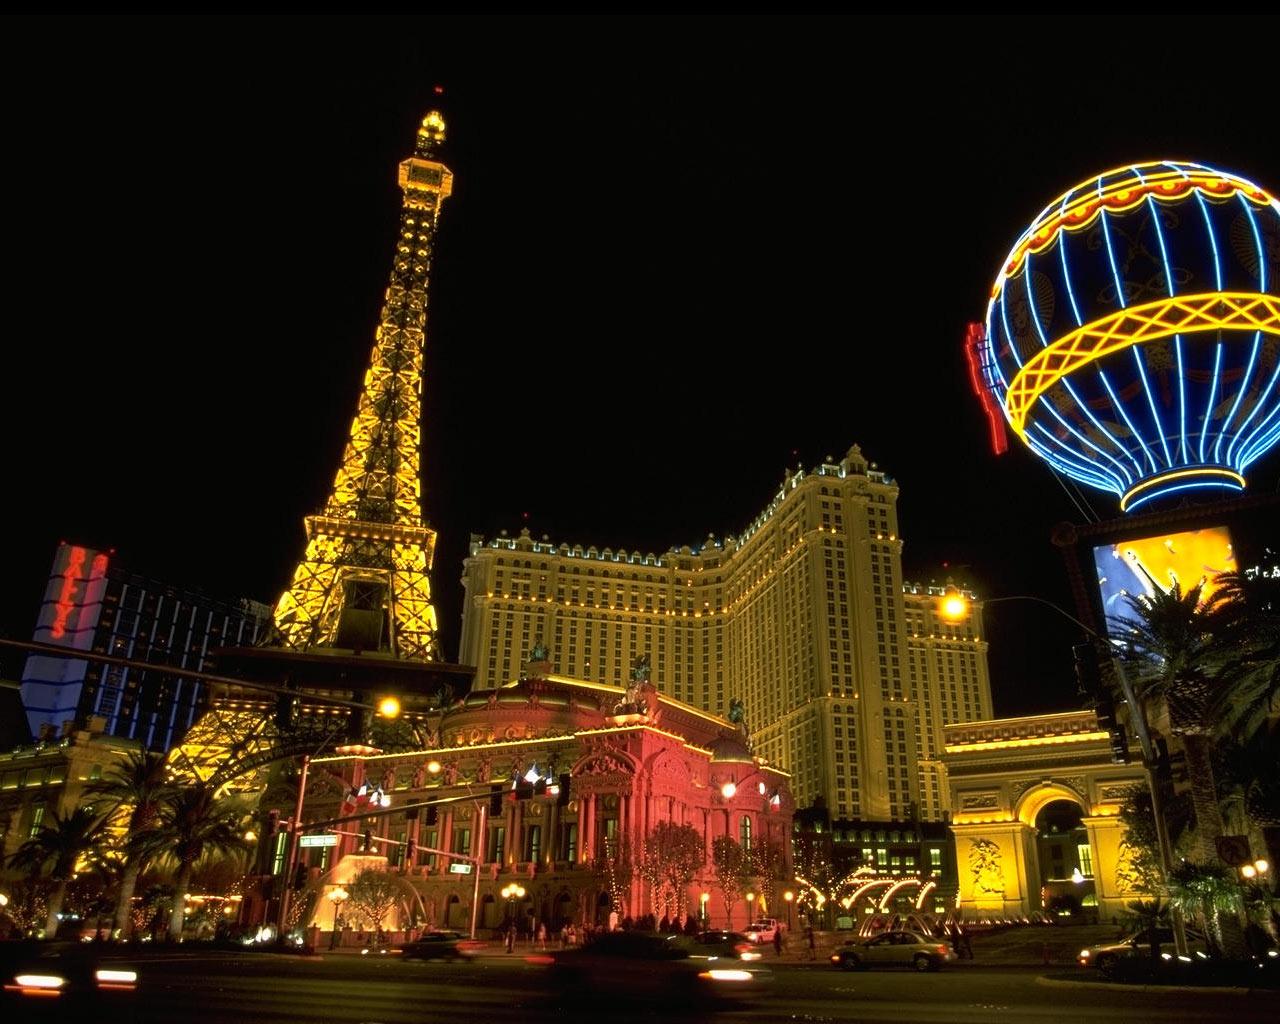 http://1.bp.blogspot.com/-A7Fh3CUhleE/UB3uCDDBZtI/AAAAAAAACYU/KGnCMJn-I-E/s1600/Las+Vegas+Mega+Wallpapers+HD+(2).jpg